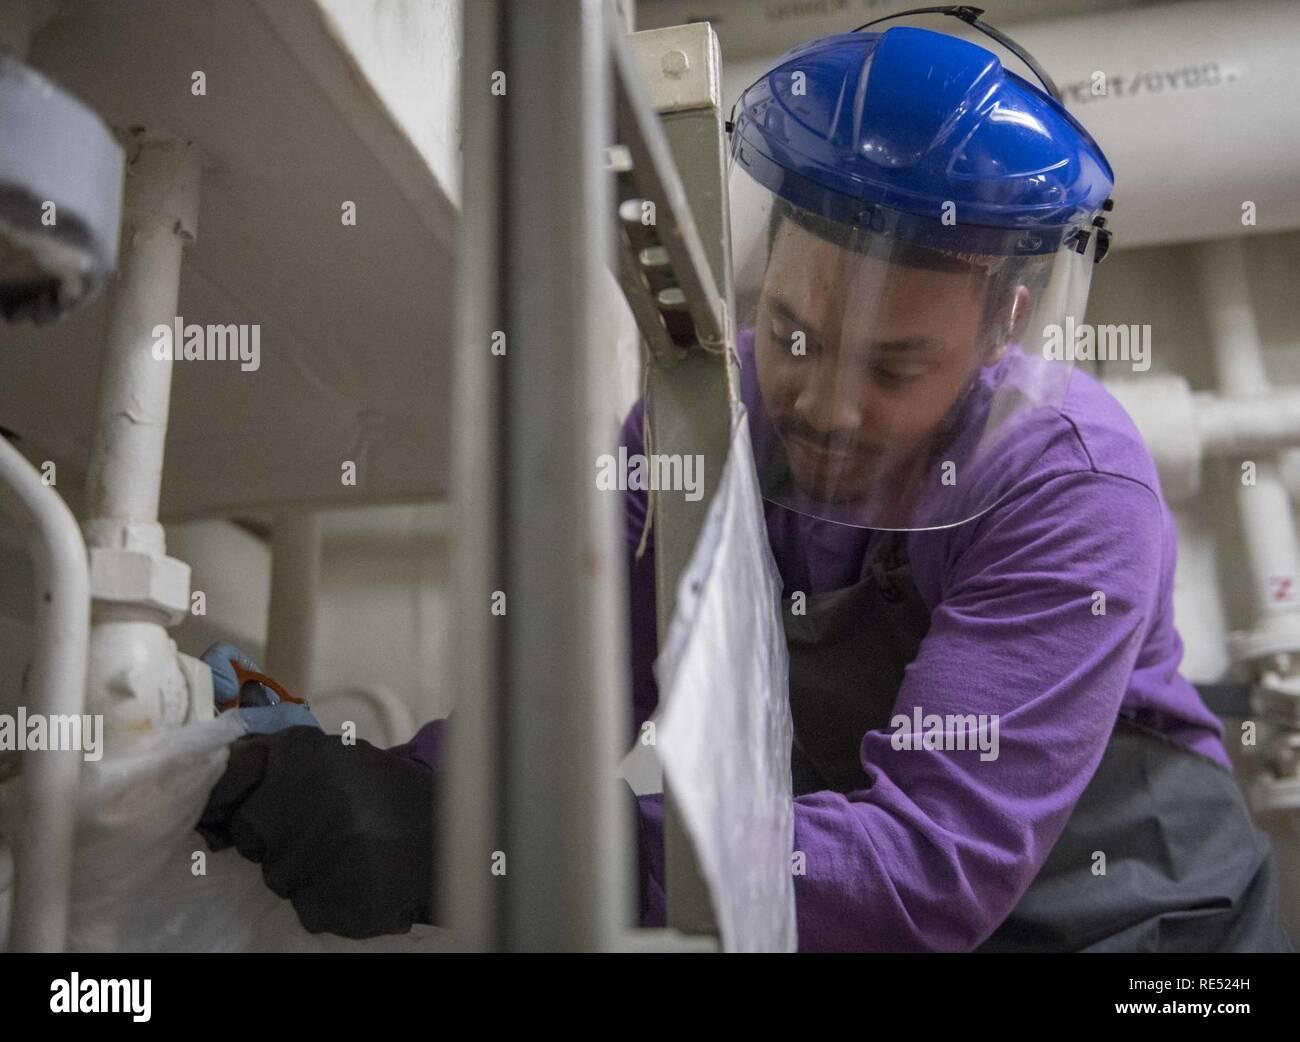 El Mar de China oriental (Ene. 1, 2018), técnico del sistema de turbina de gas (mecánica) Bombero Malik Hughes, de Louisville, Ky., drena un cabezal hidráulico tanque a bordo de la clase Arleigh Burke de misiles guiados destructor USS McCampbell (DDG 85). Es McCampbell desplegadas a la séptima Flota de EE.UU. zona de operaciones en apoyo de la seguridad y la estabilidad en la región del Indo-Pacífico. Foto de stock